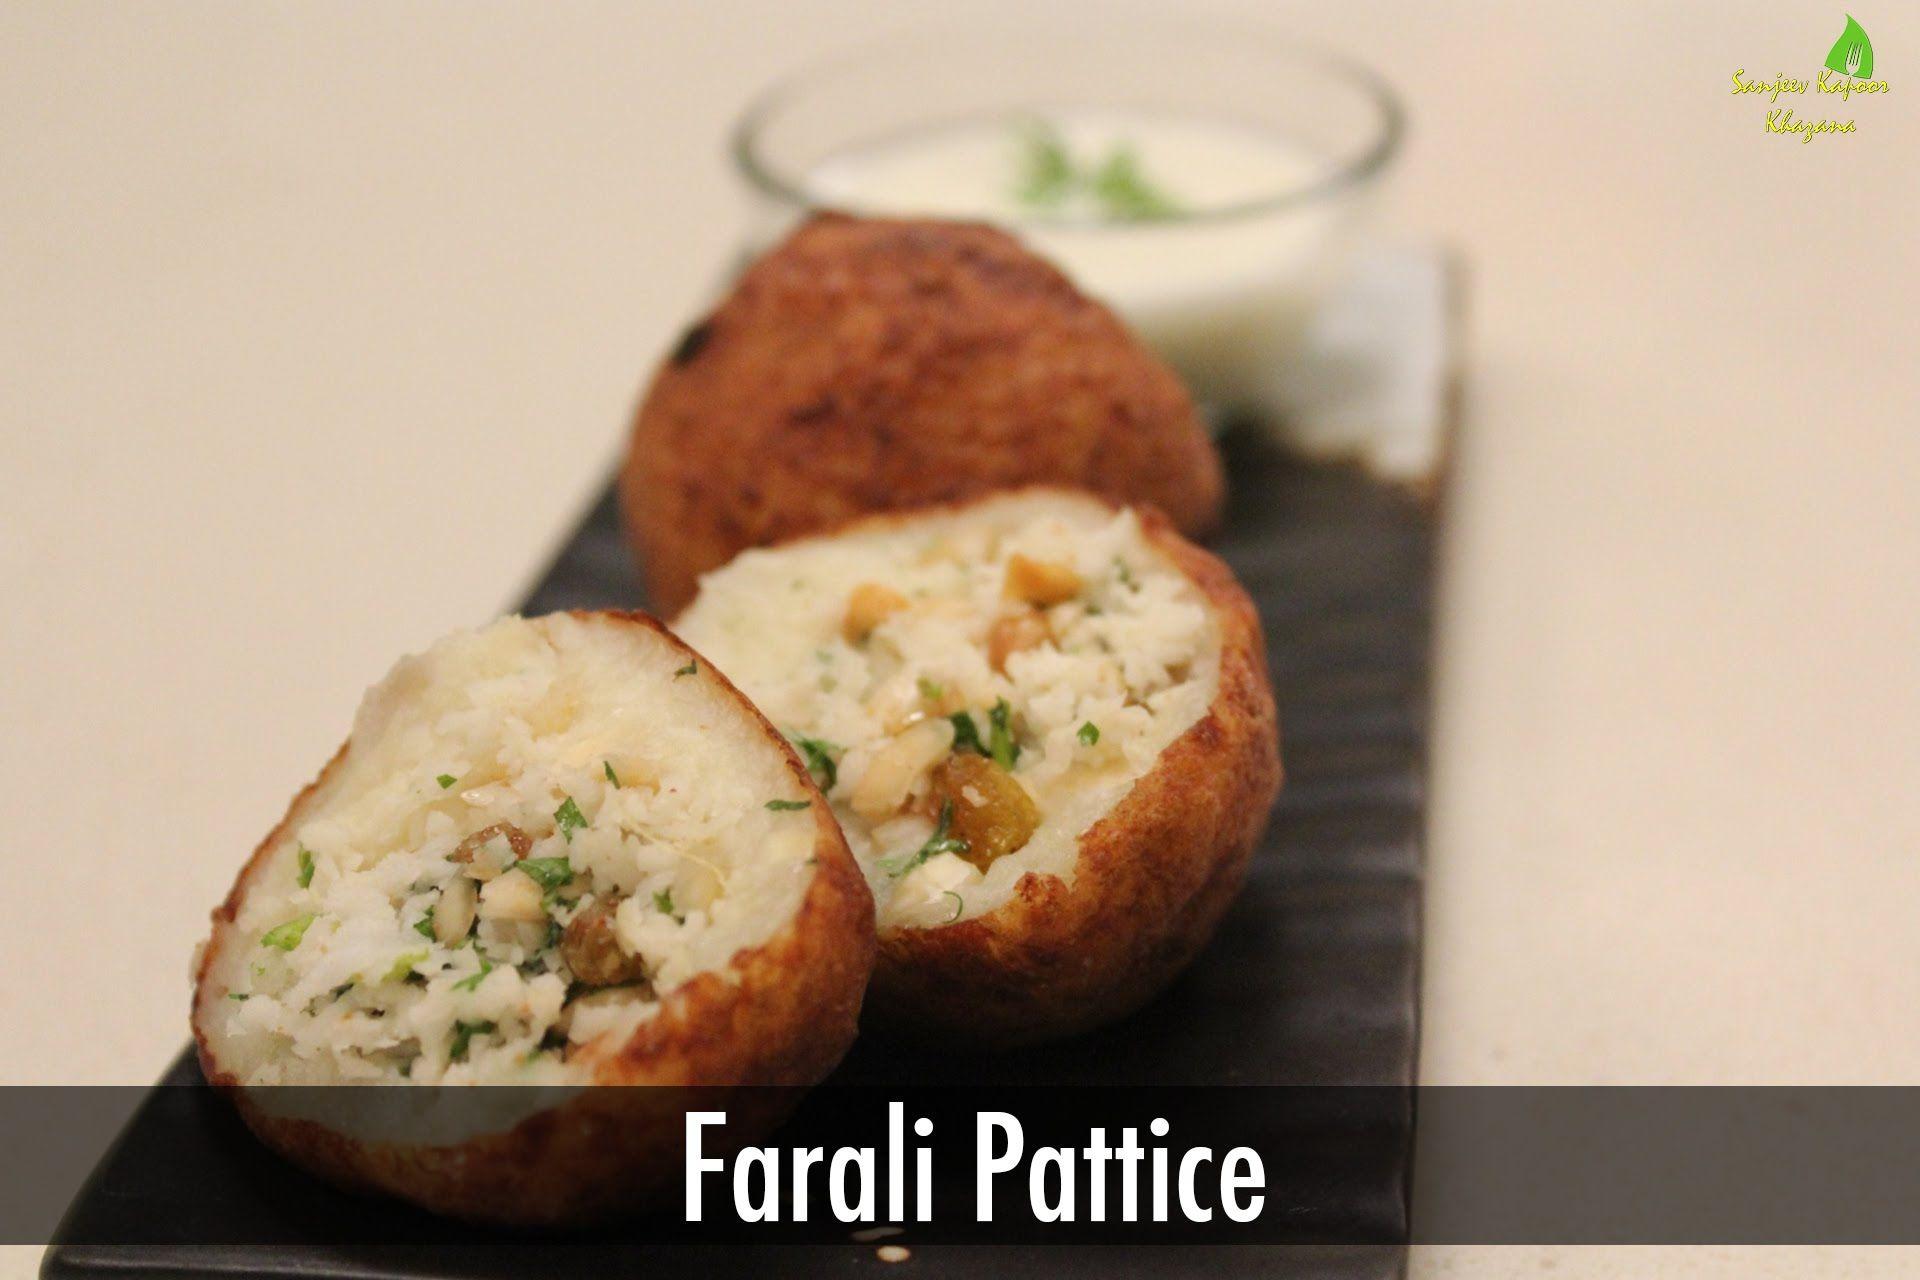 Farali pattice indian snacks recipes sanjeev kapoor khazana food farali pattice indian snacks recipes sanjeev kapoor khazana forumfinder Choice Image